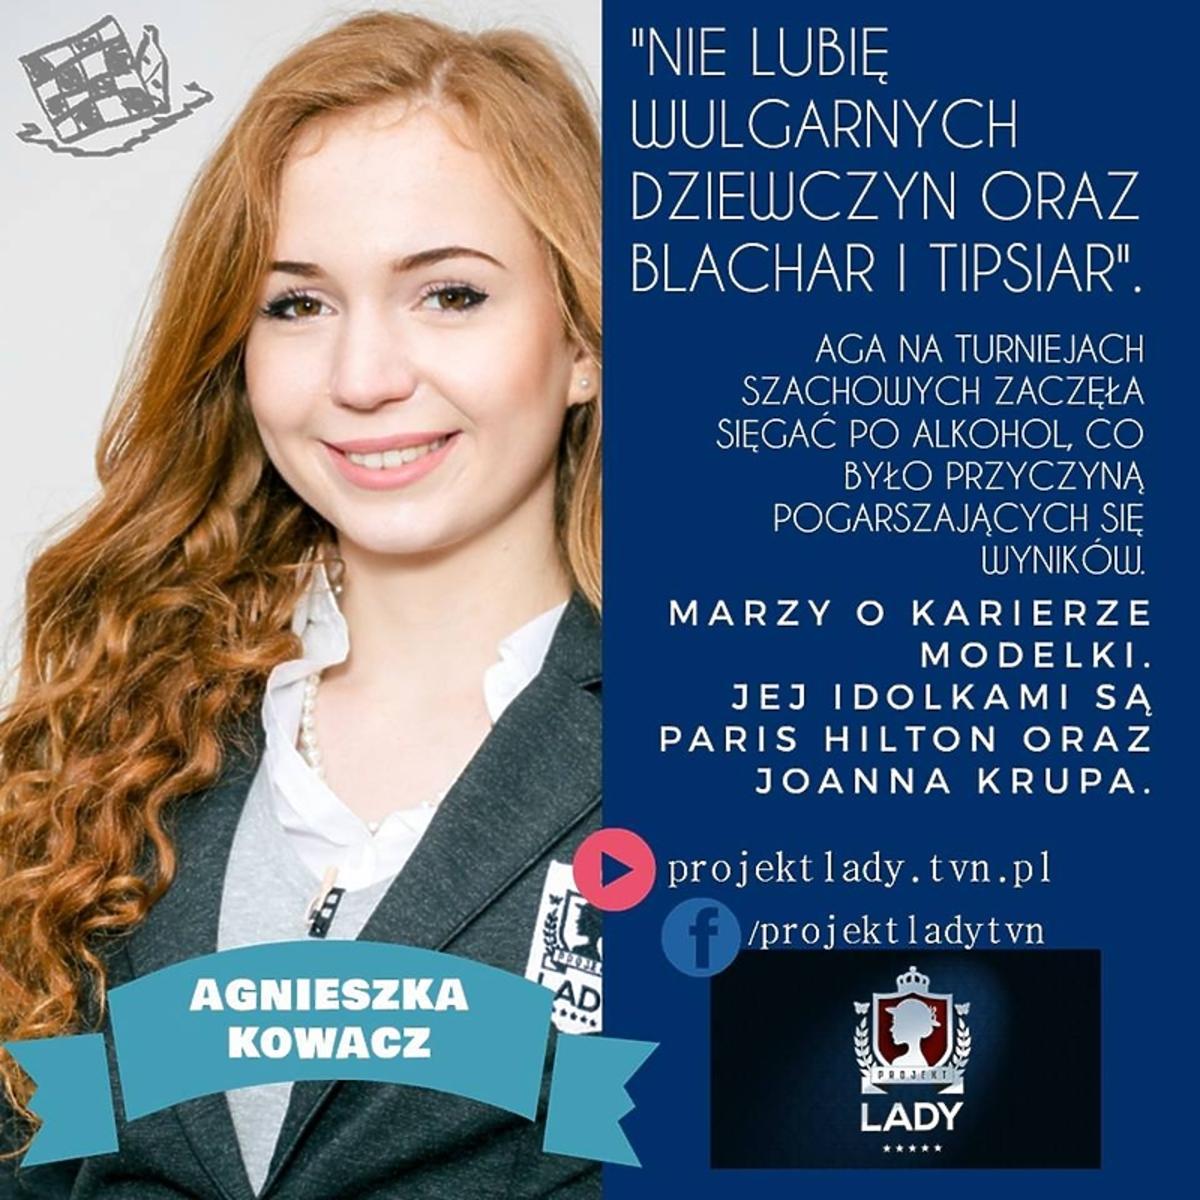 Agnieszka Kowacz odpadła z programu Projekt Lady